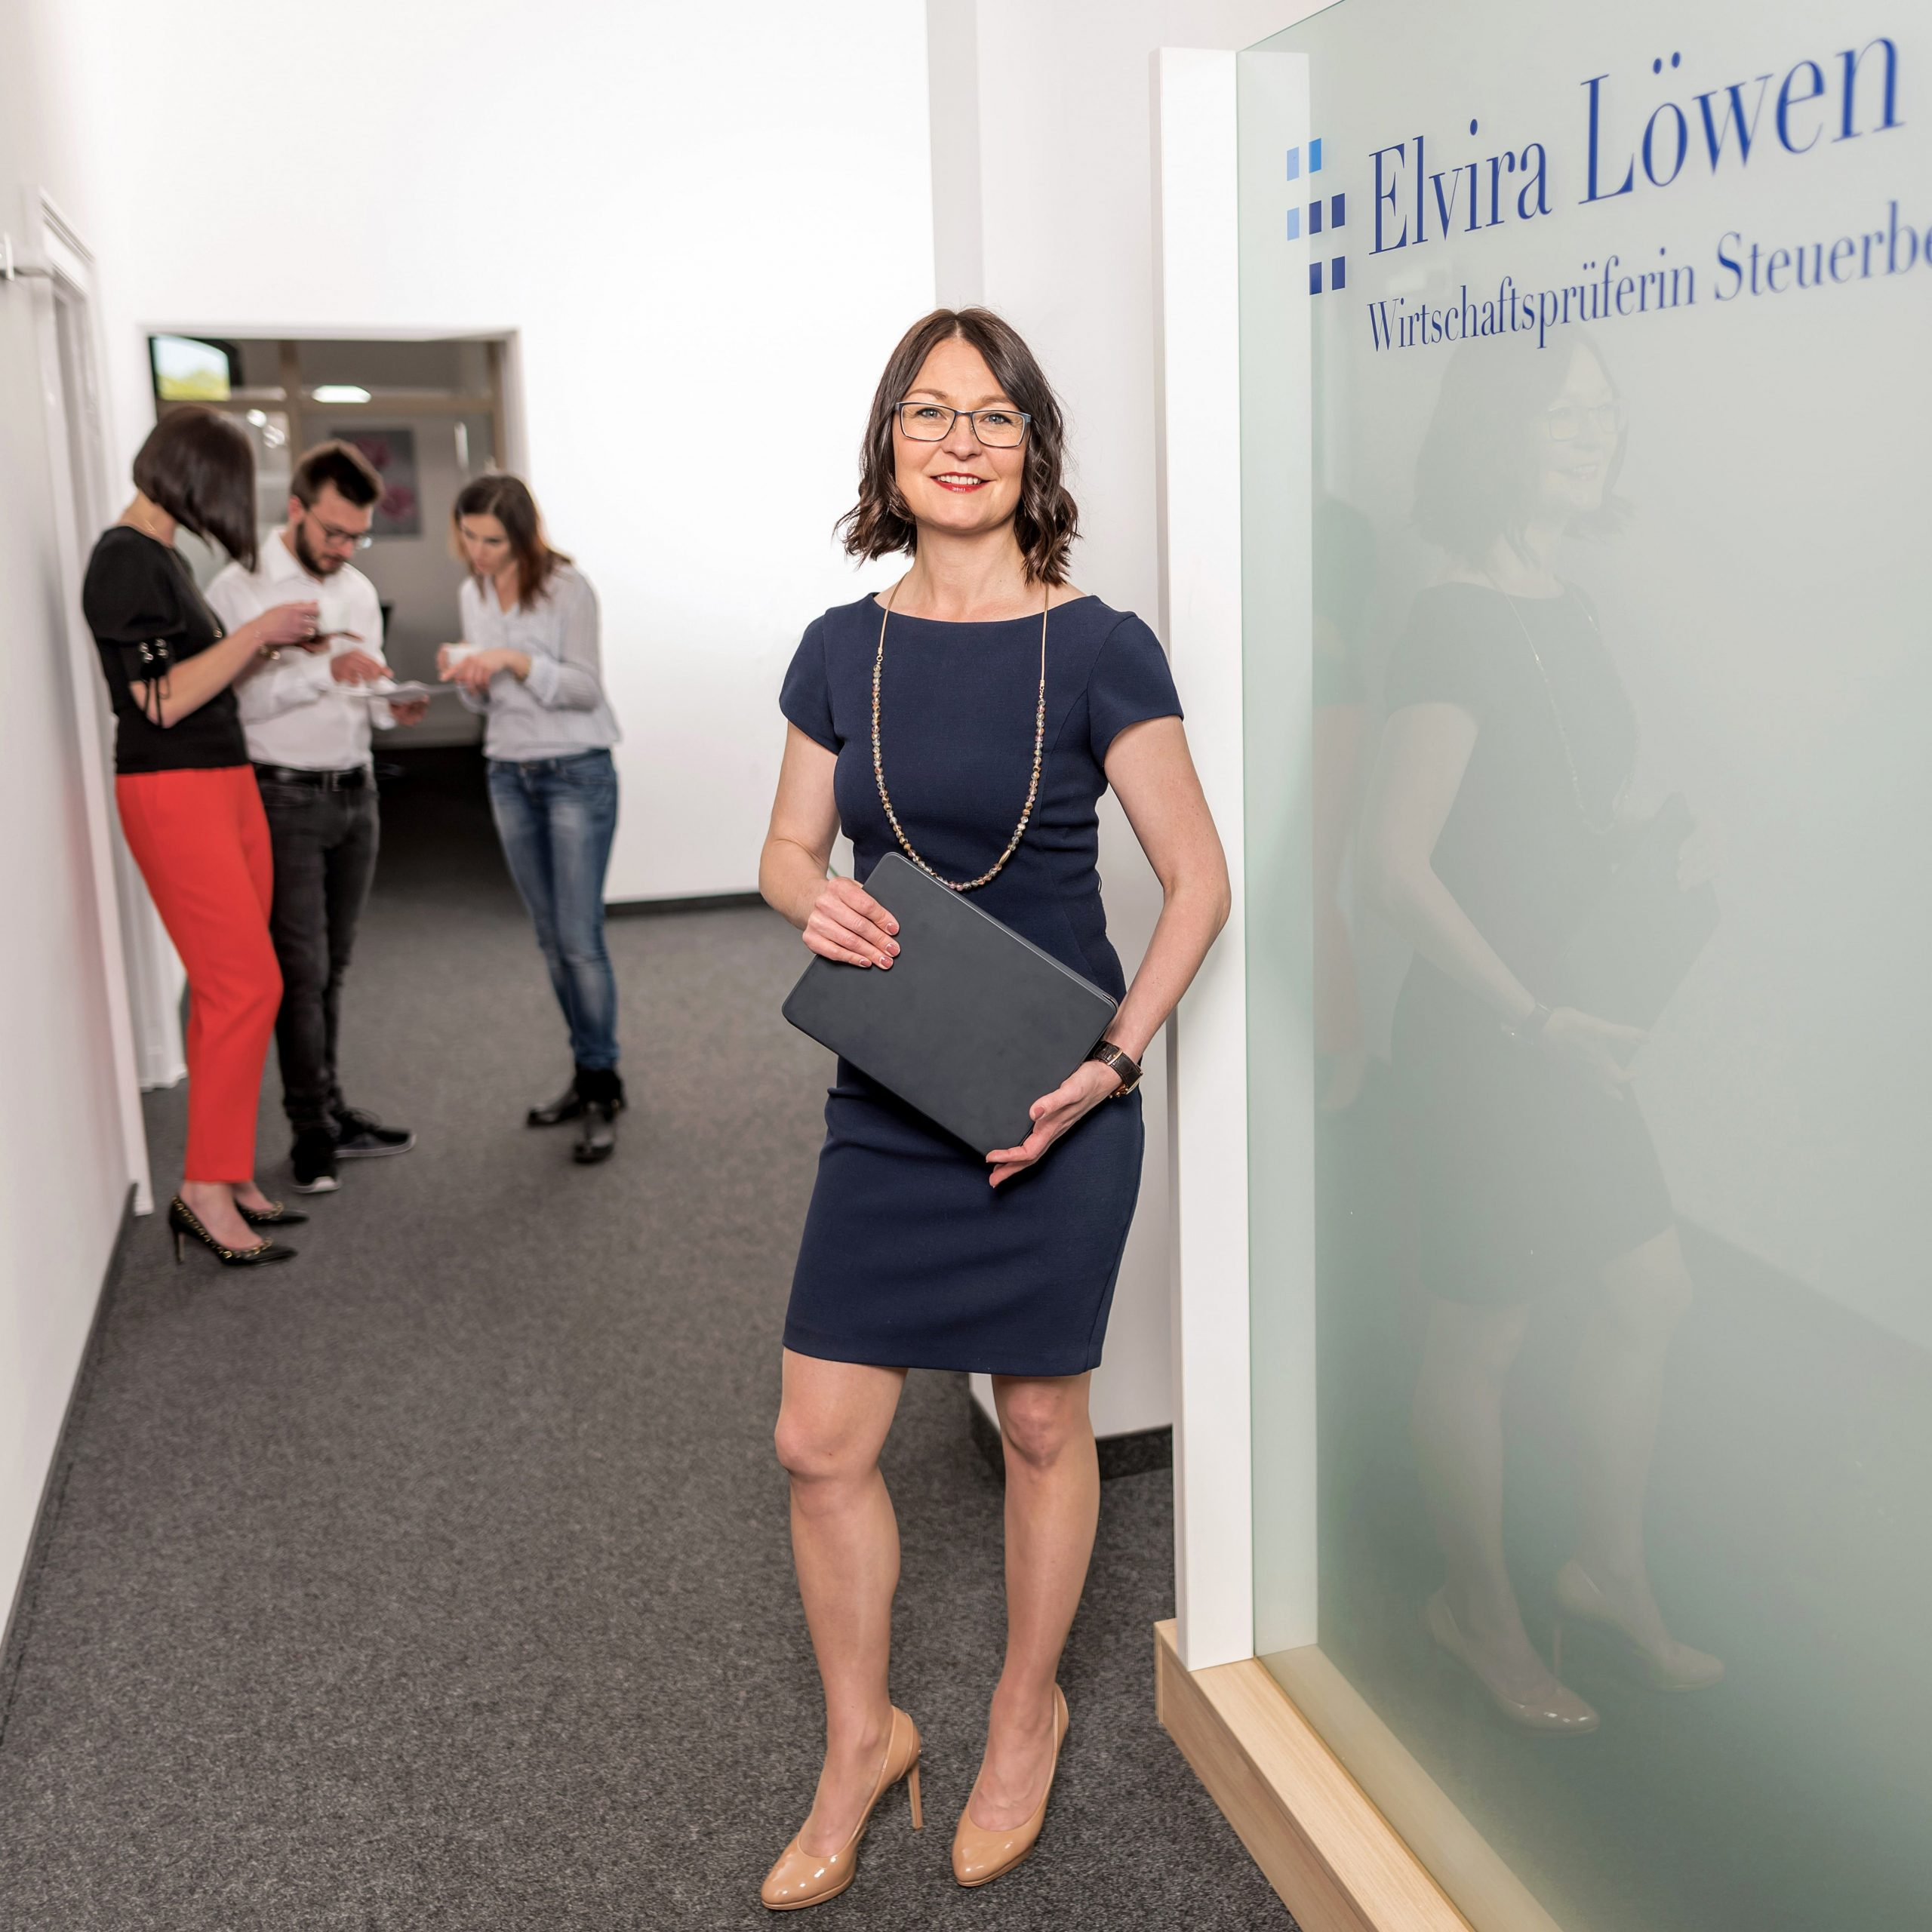 Empfang von Elvira Löwen - Wirtschaftsprüferin und Steuerberaterin in Windeck